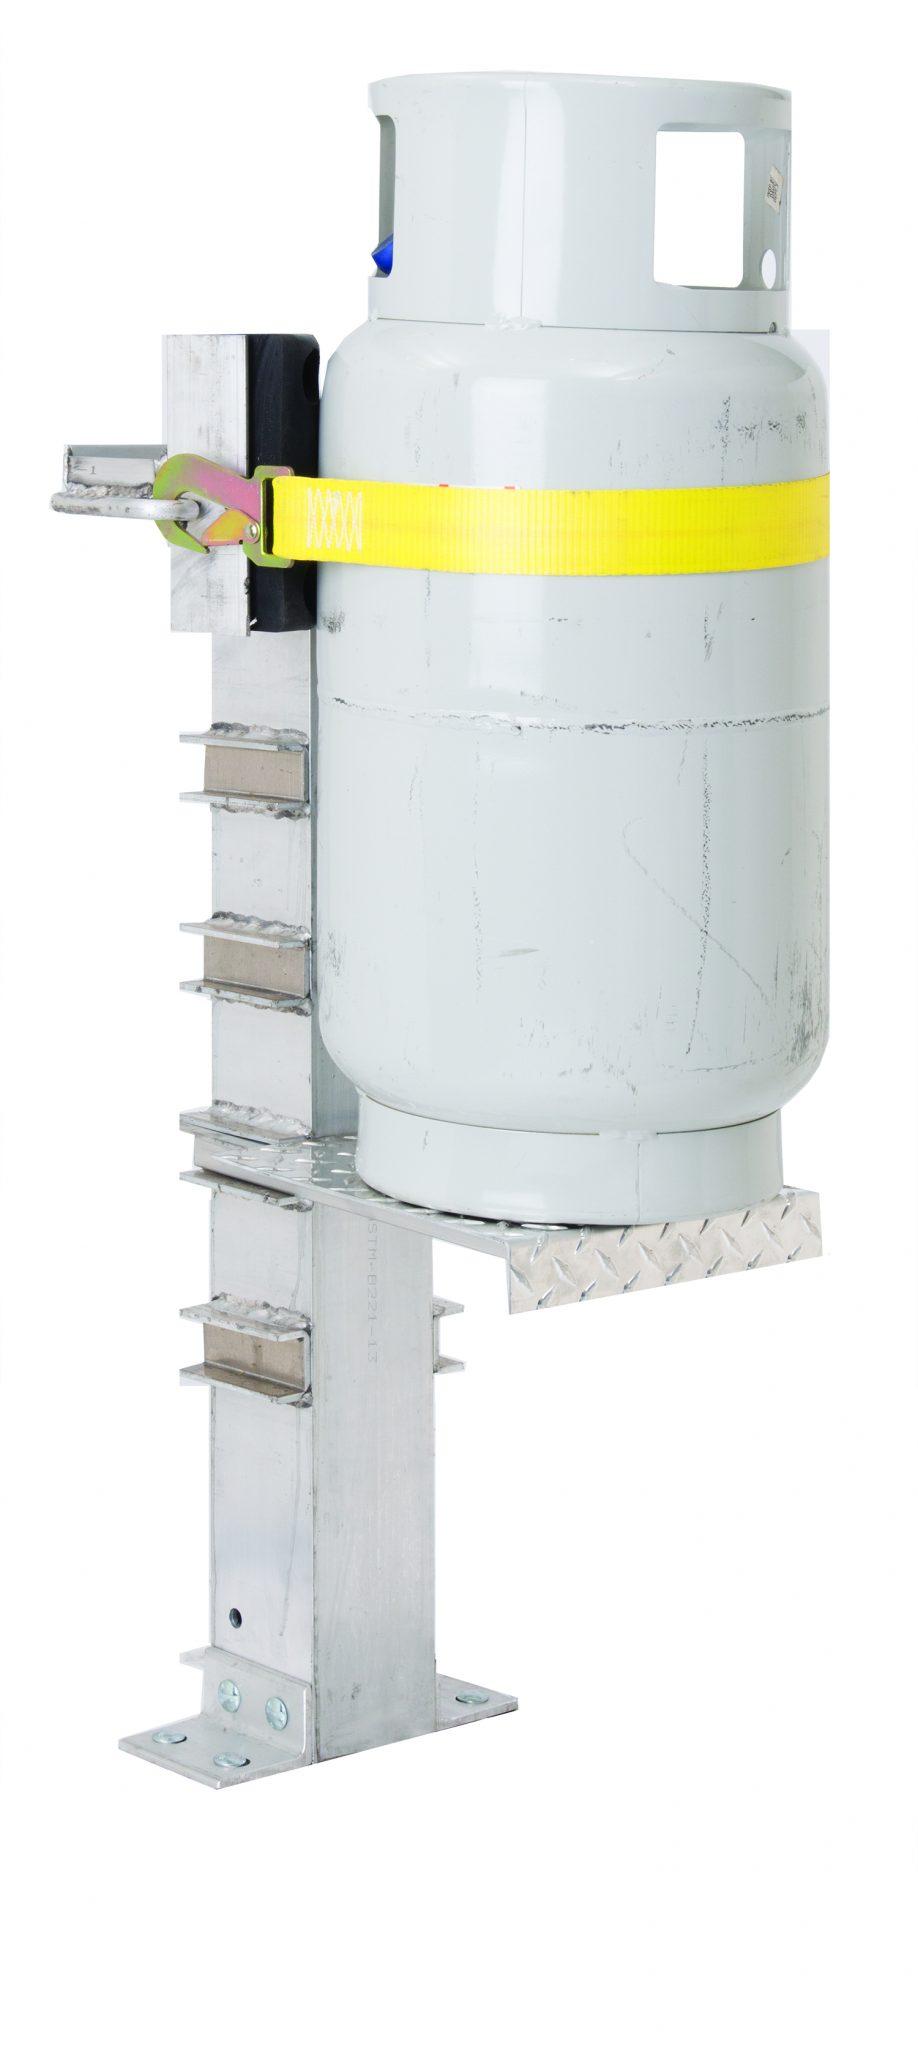 Propane cylinder service vise for servicing valves.